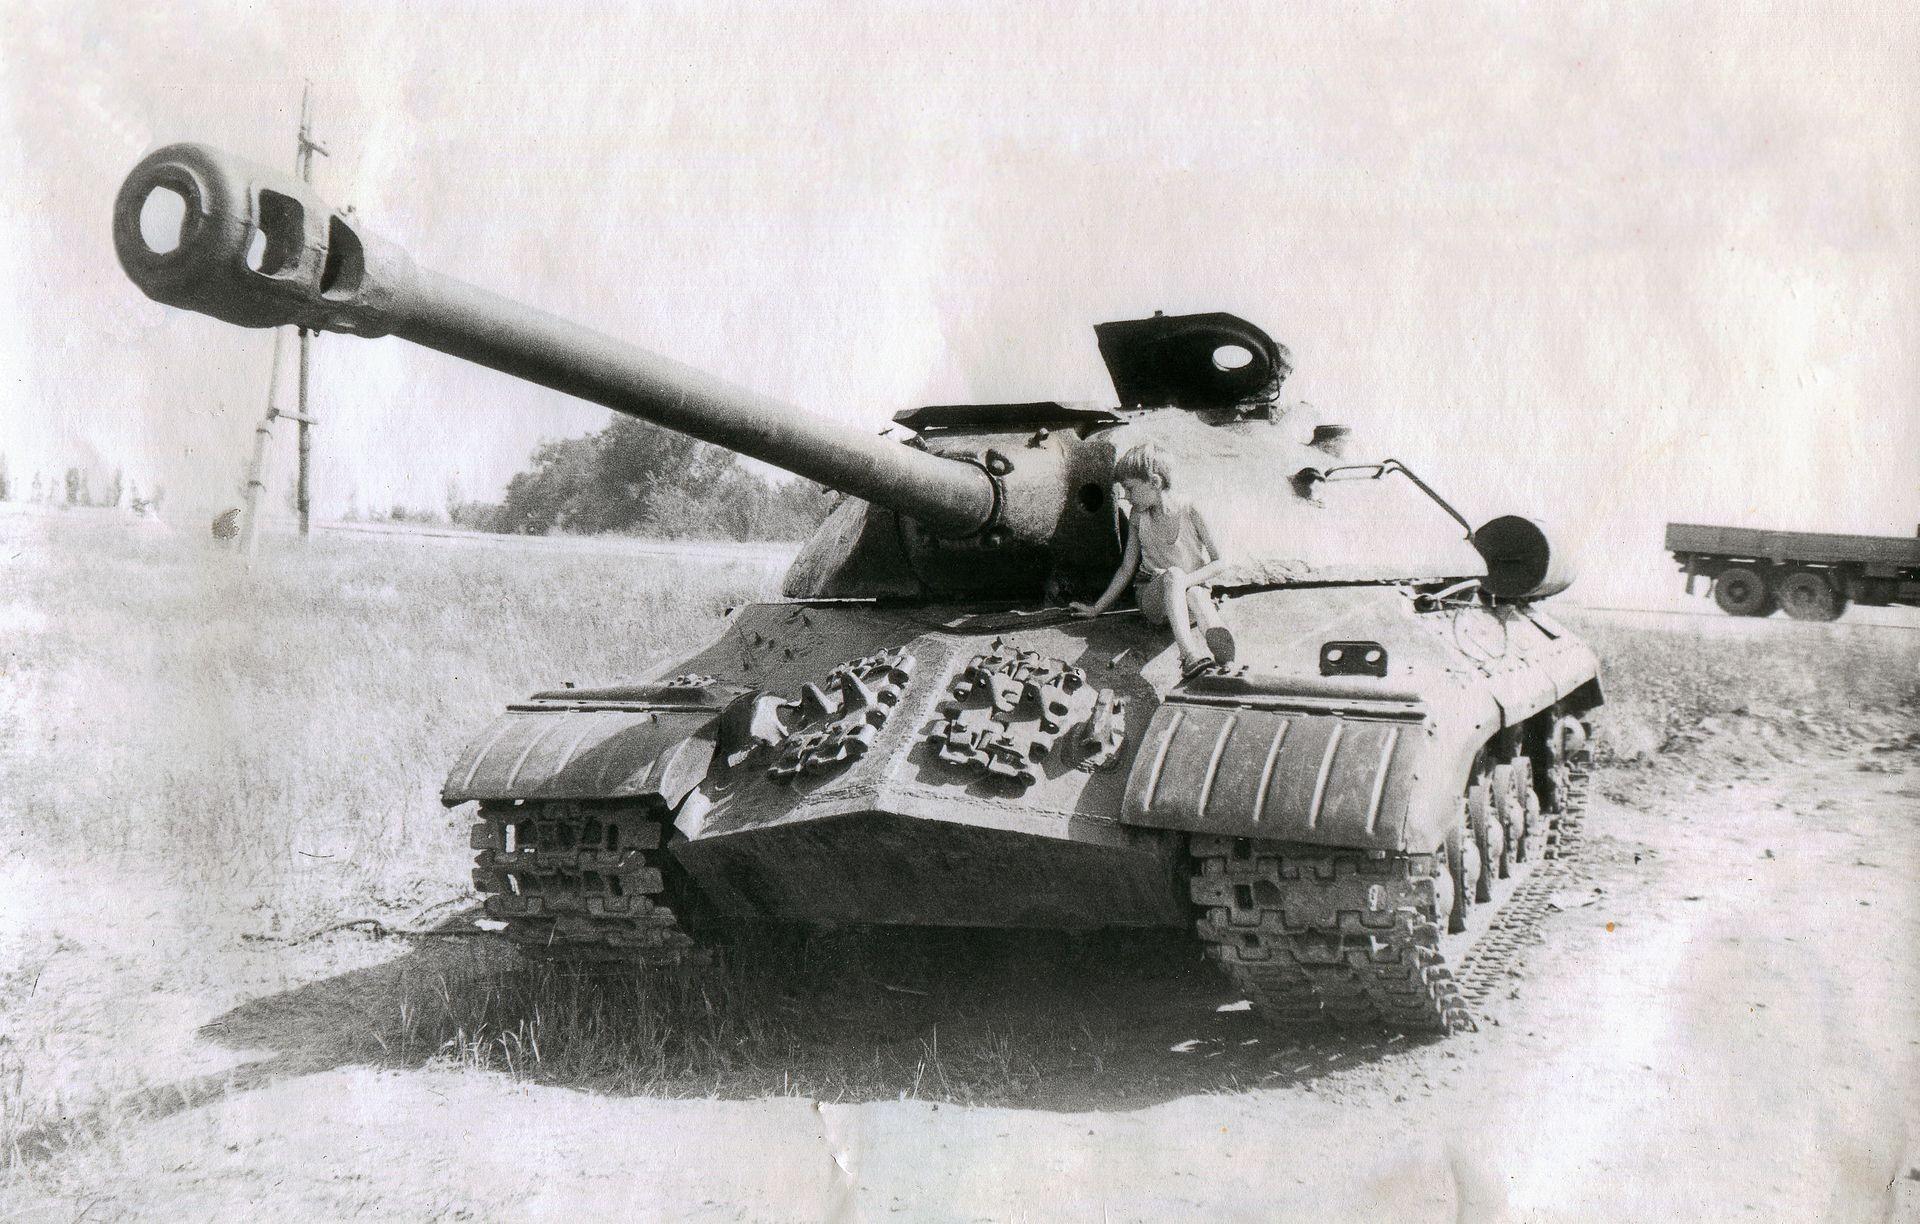 Танк ИС-3 находился в серийном производстве до середины 1946 года.